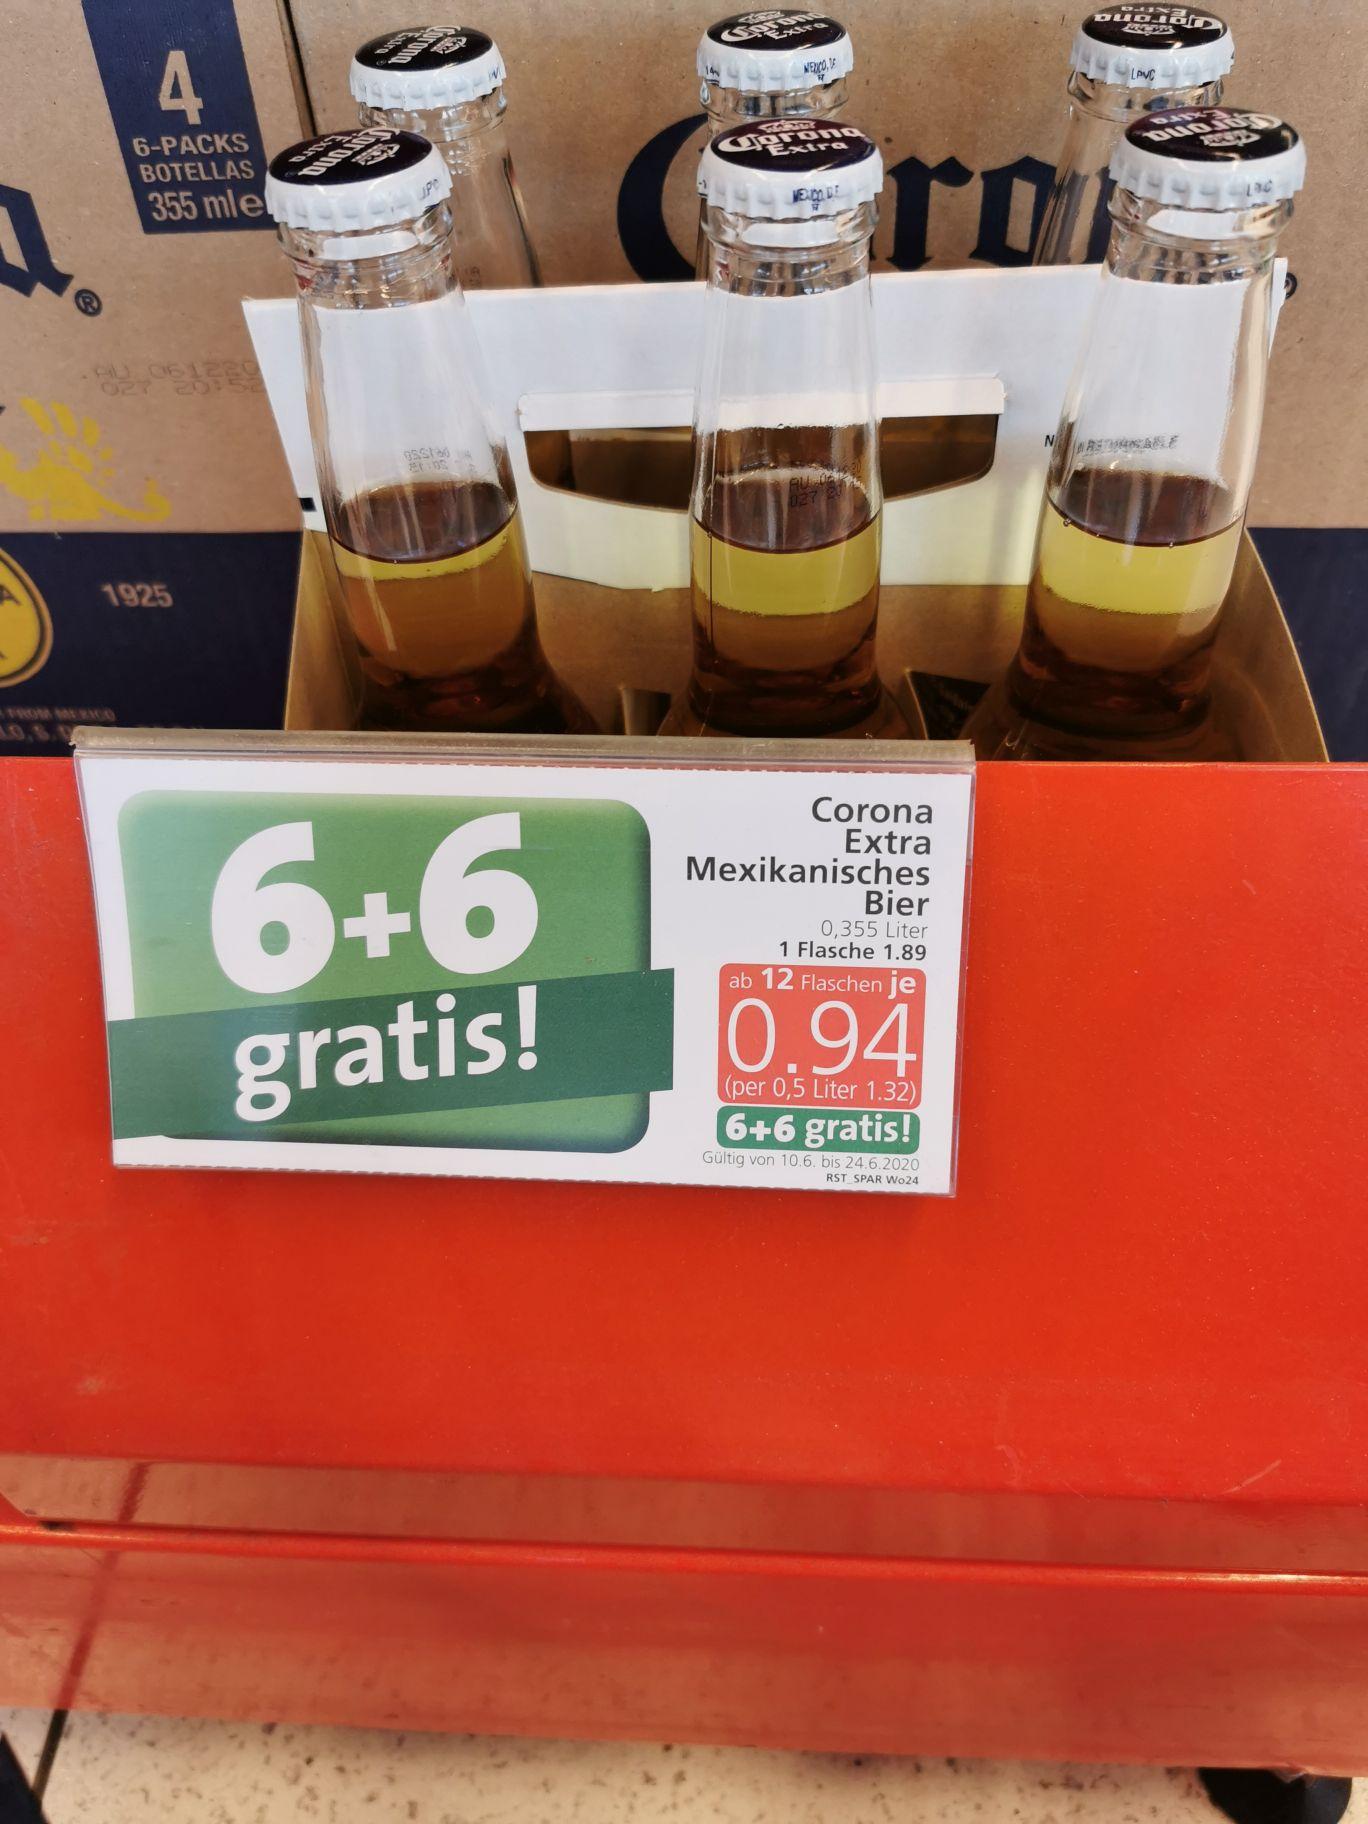 SPAR Corona (Bier) 6+6 gratis